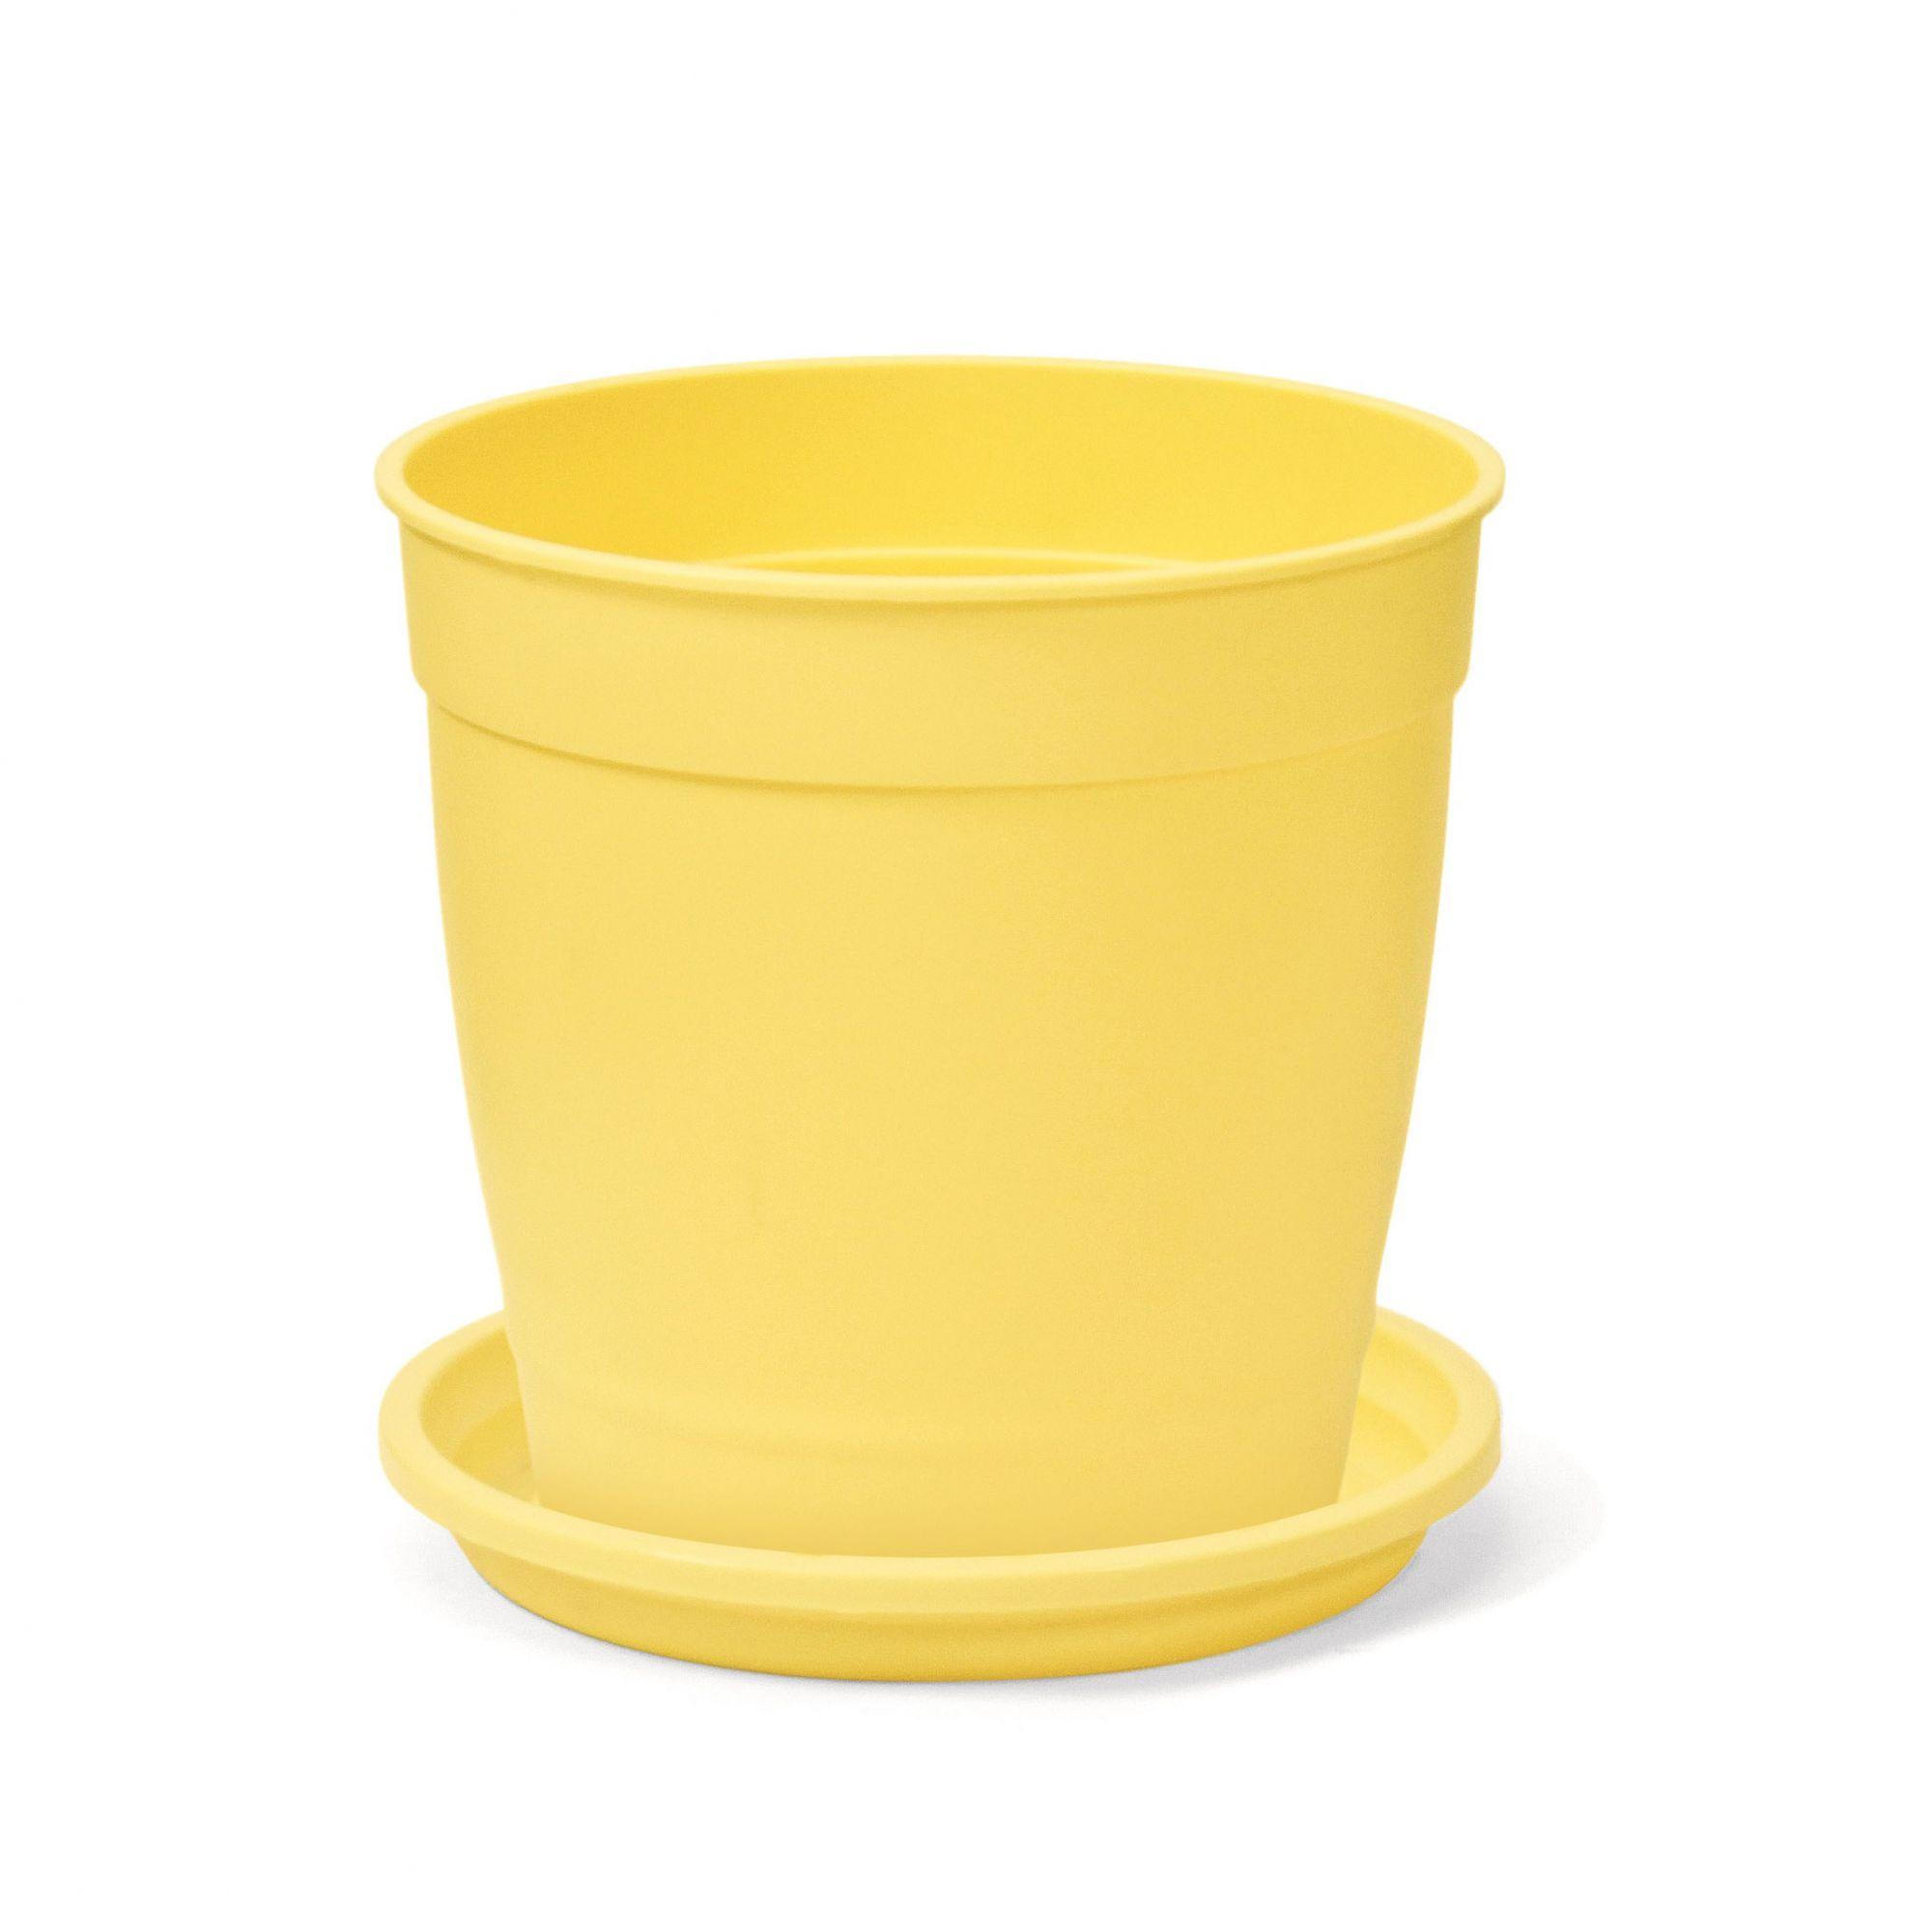 Vaso Aquarela Amarelo Claro 12cm x 12cm com Prato